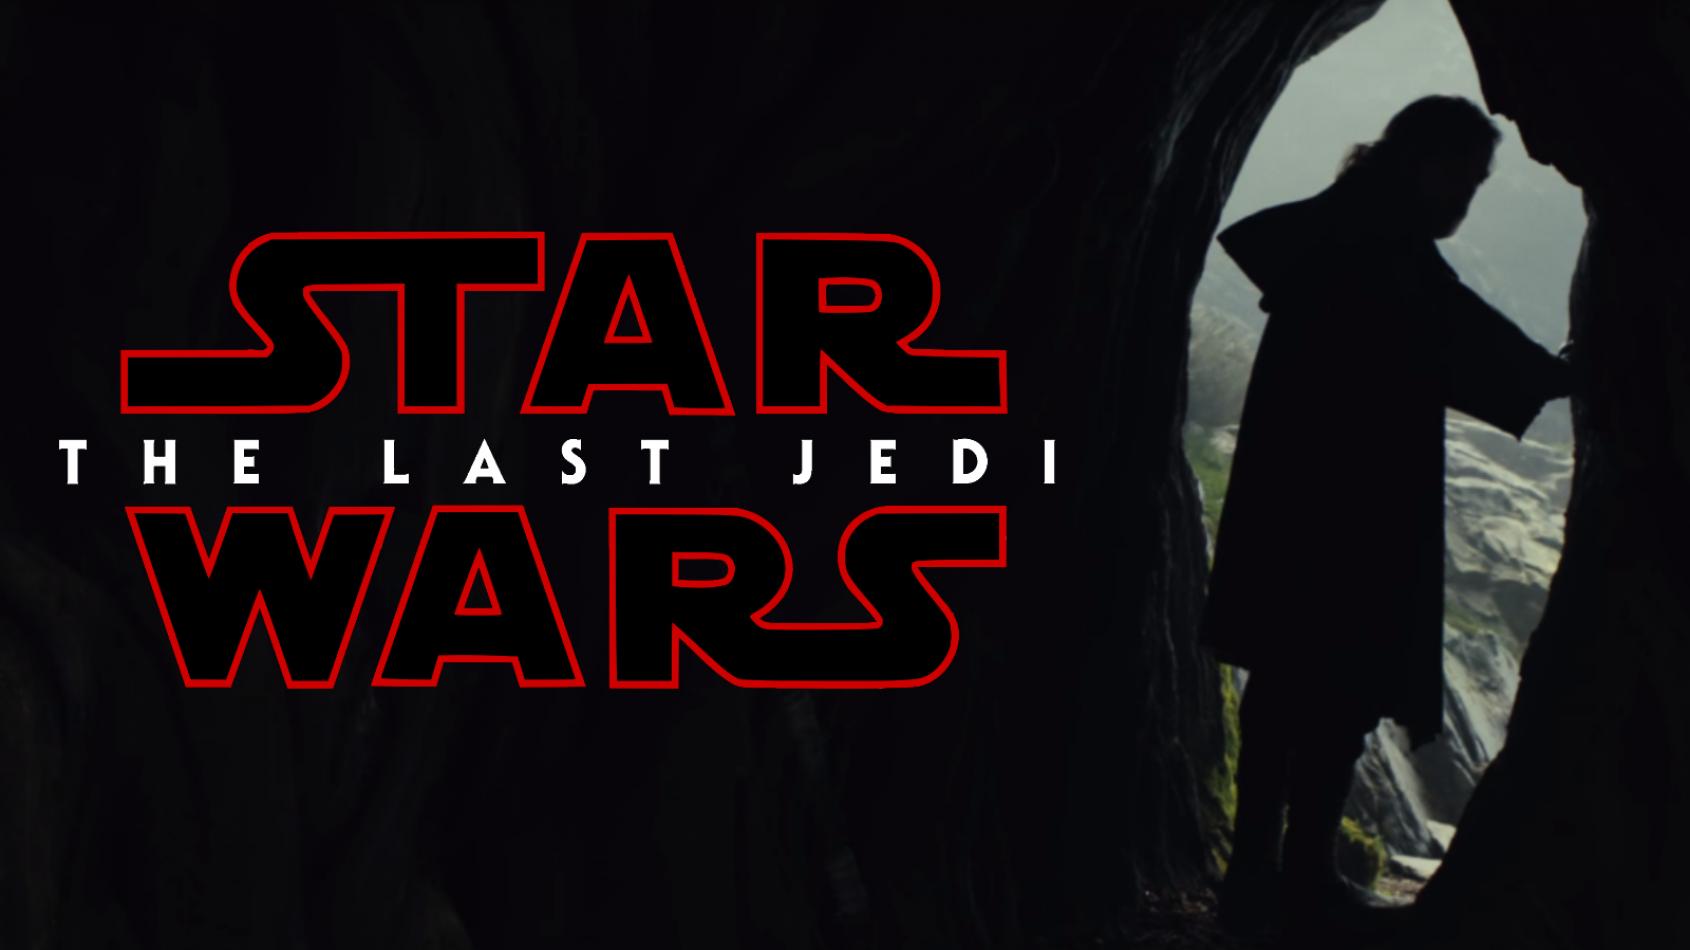 Star Wars 8 promet